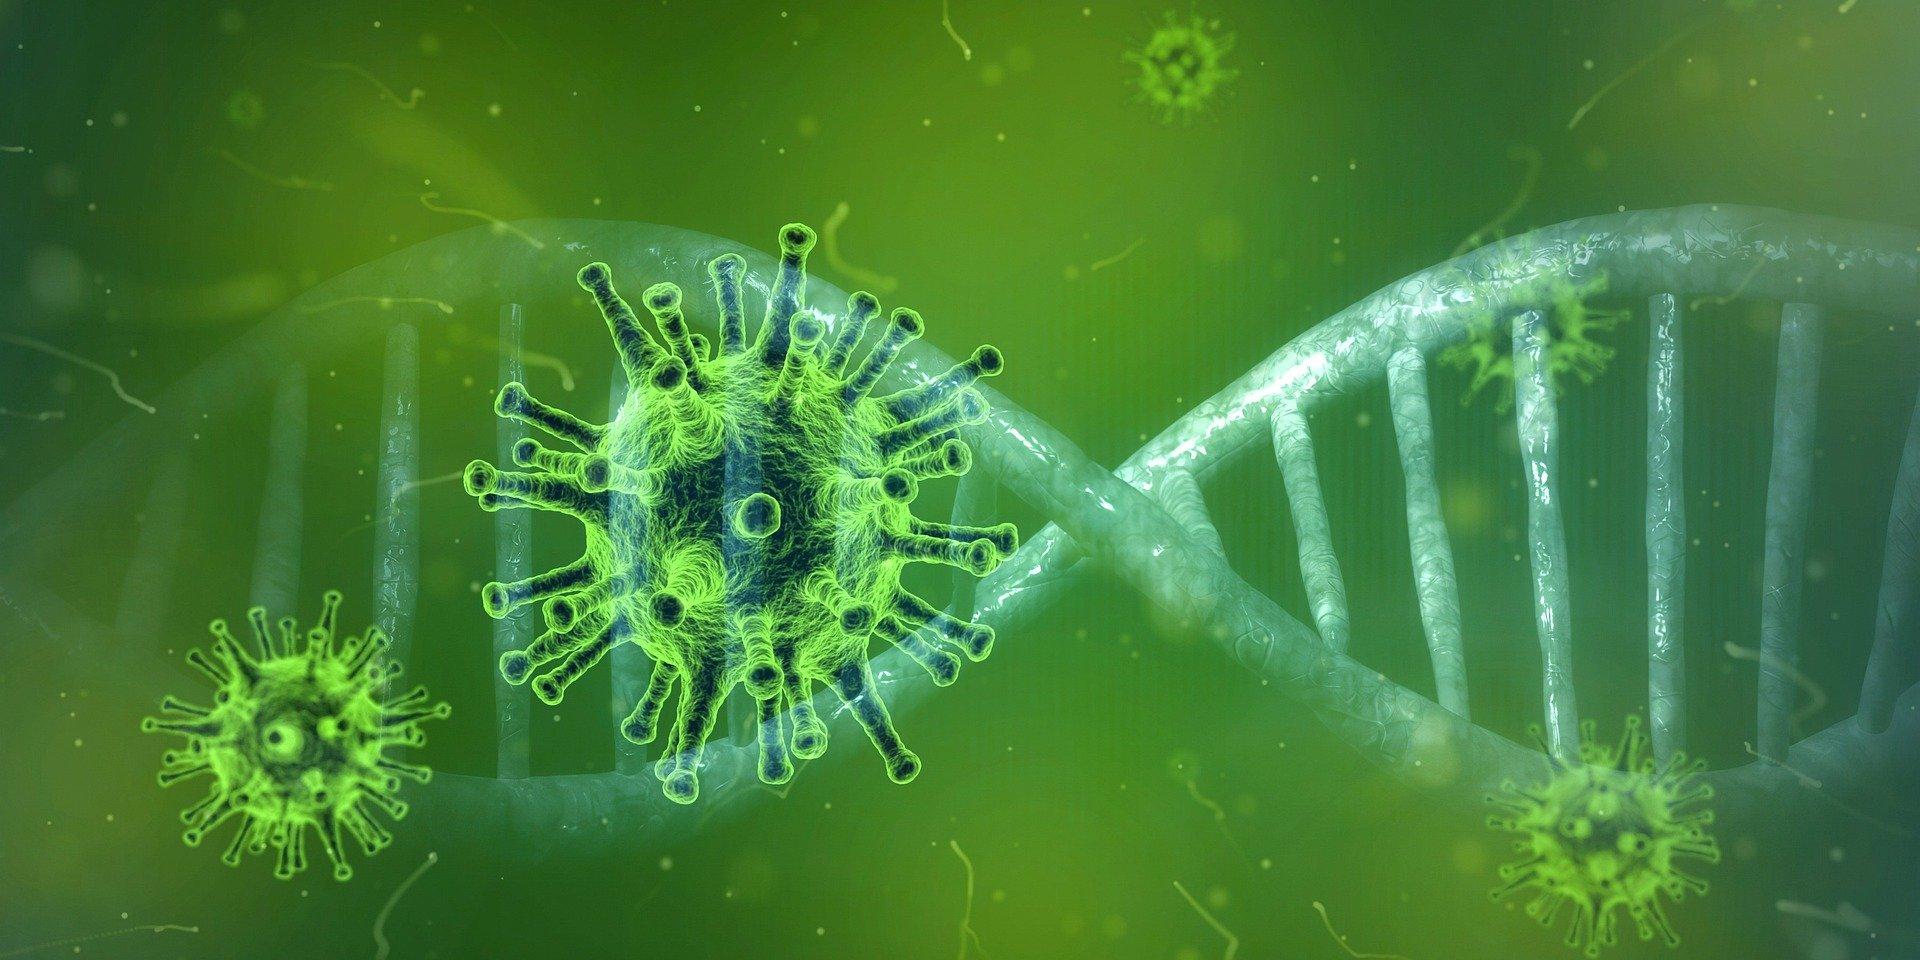 In Inghilterra una nuova variante del coronavirus : E